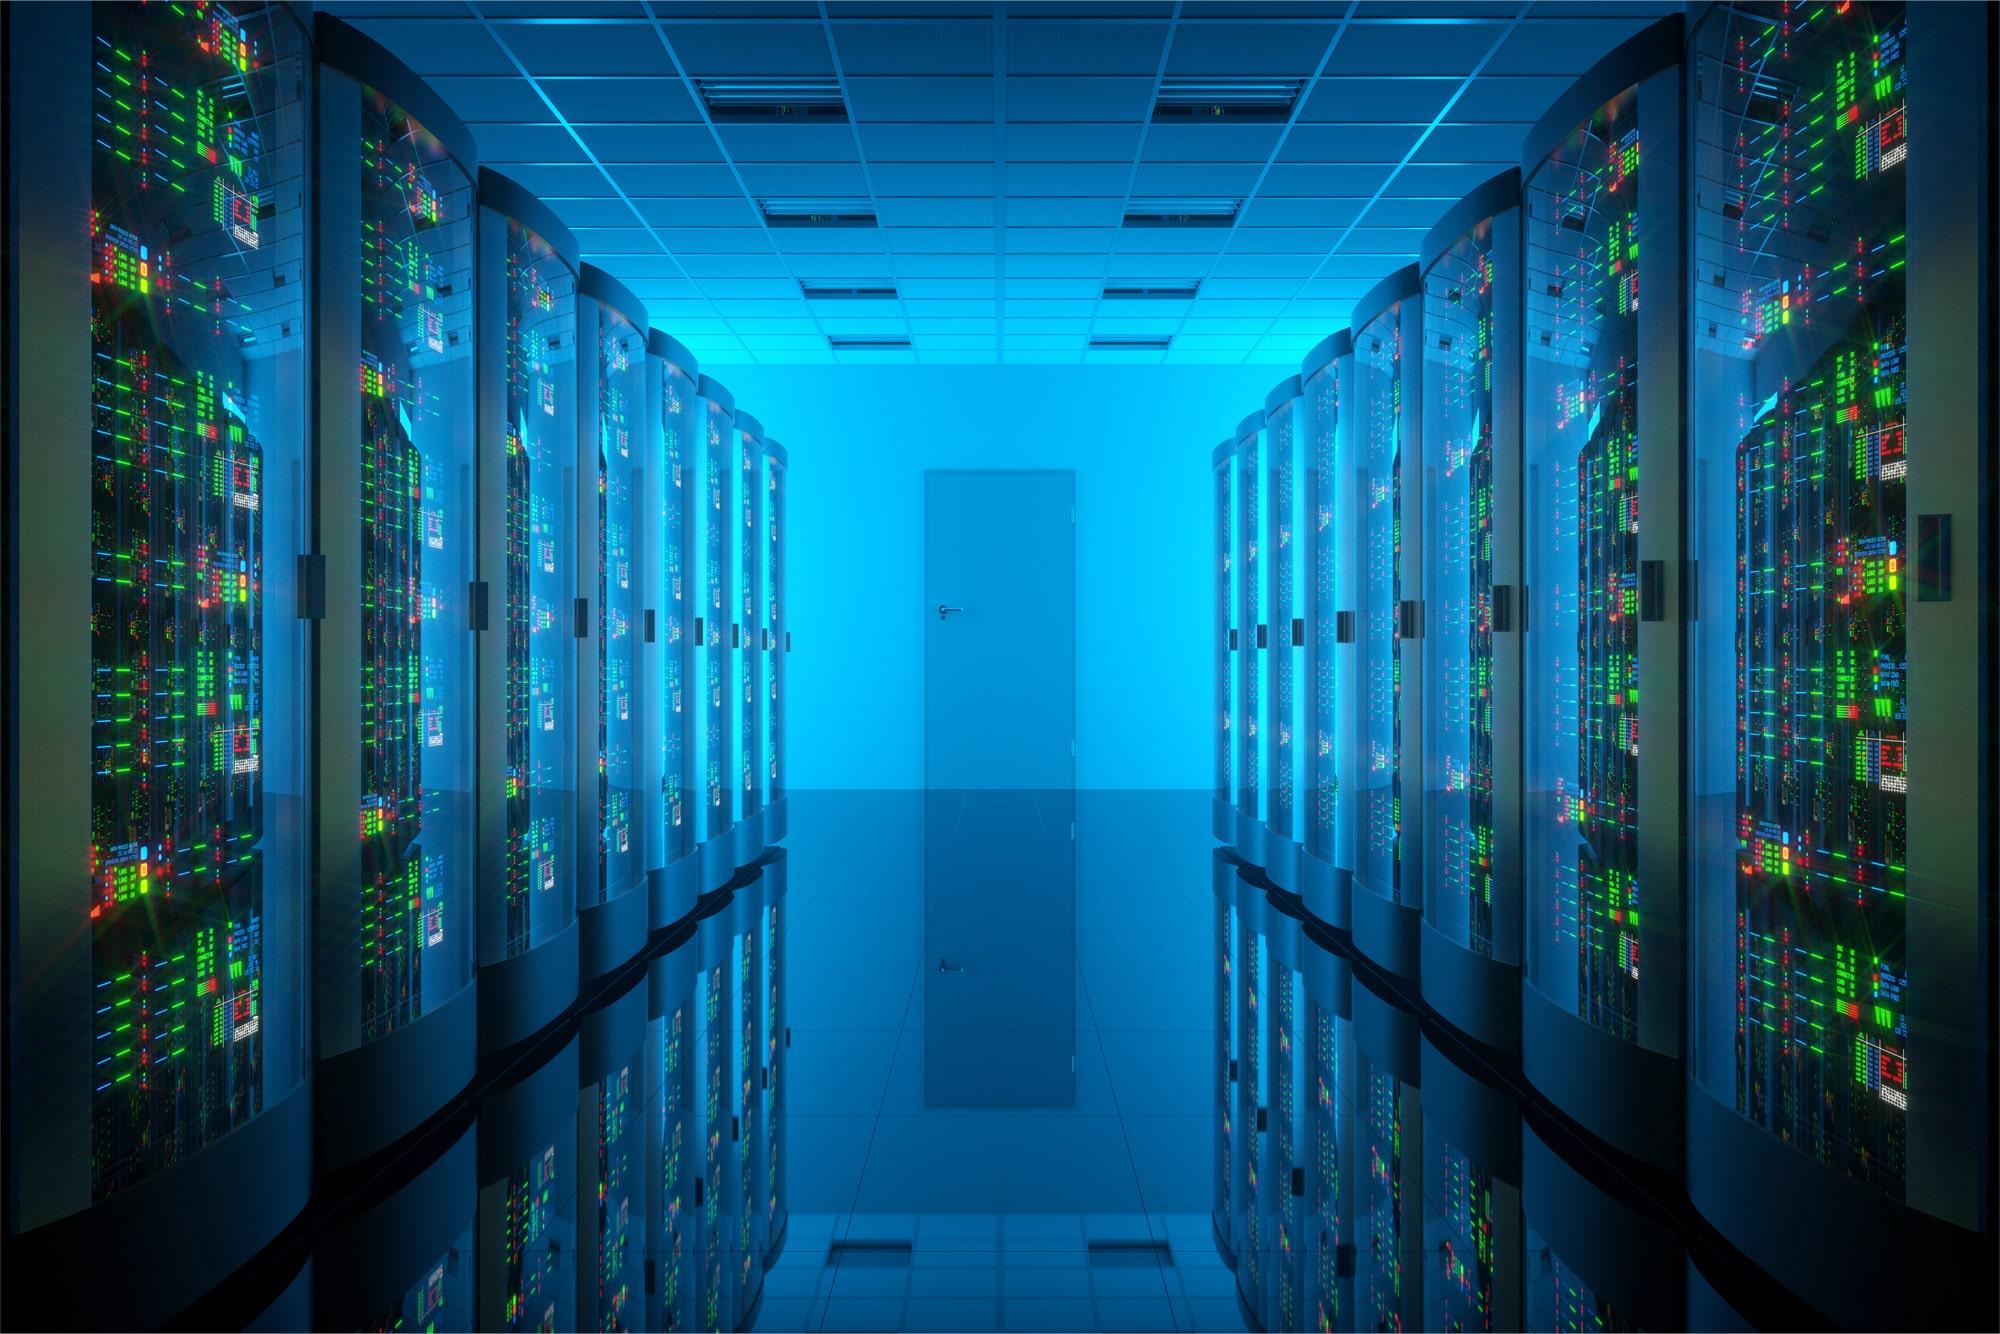 bitec-backup-gestione-dati-sicurezza-informatica